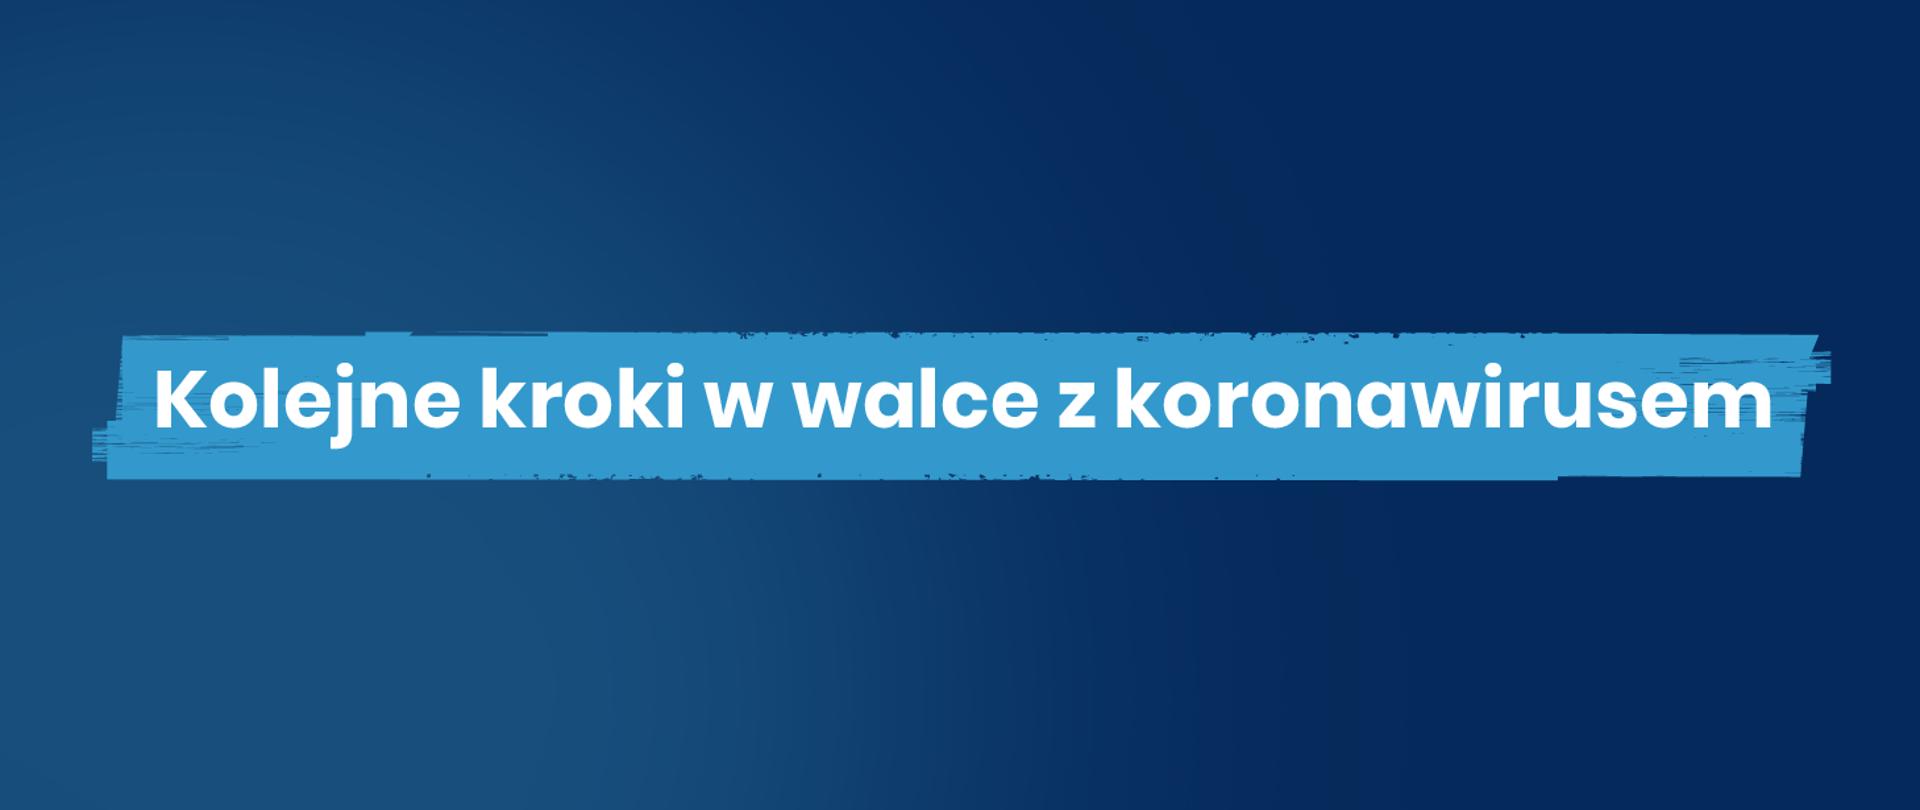 Na niebieskim tle biały napis: Kolejne kroki w walce z koronawirusem